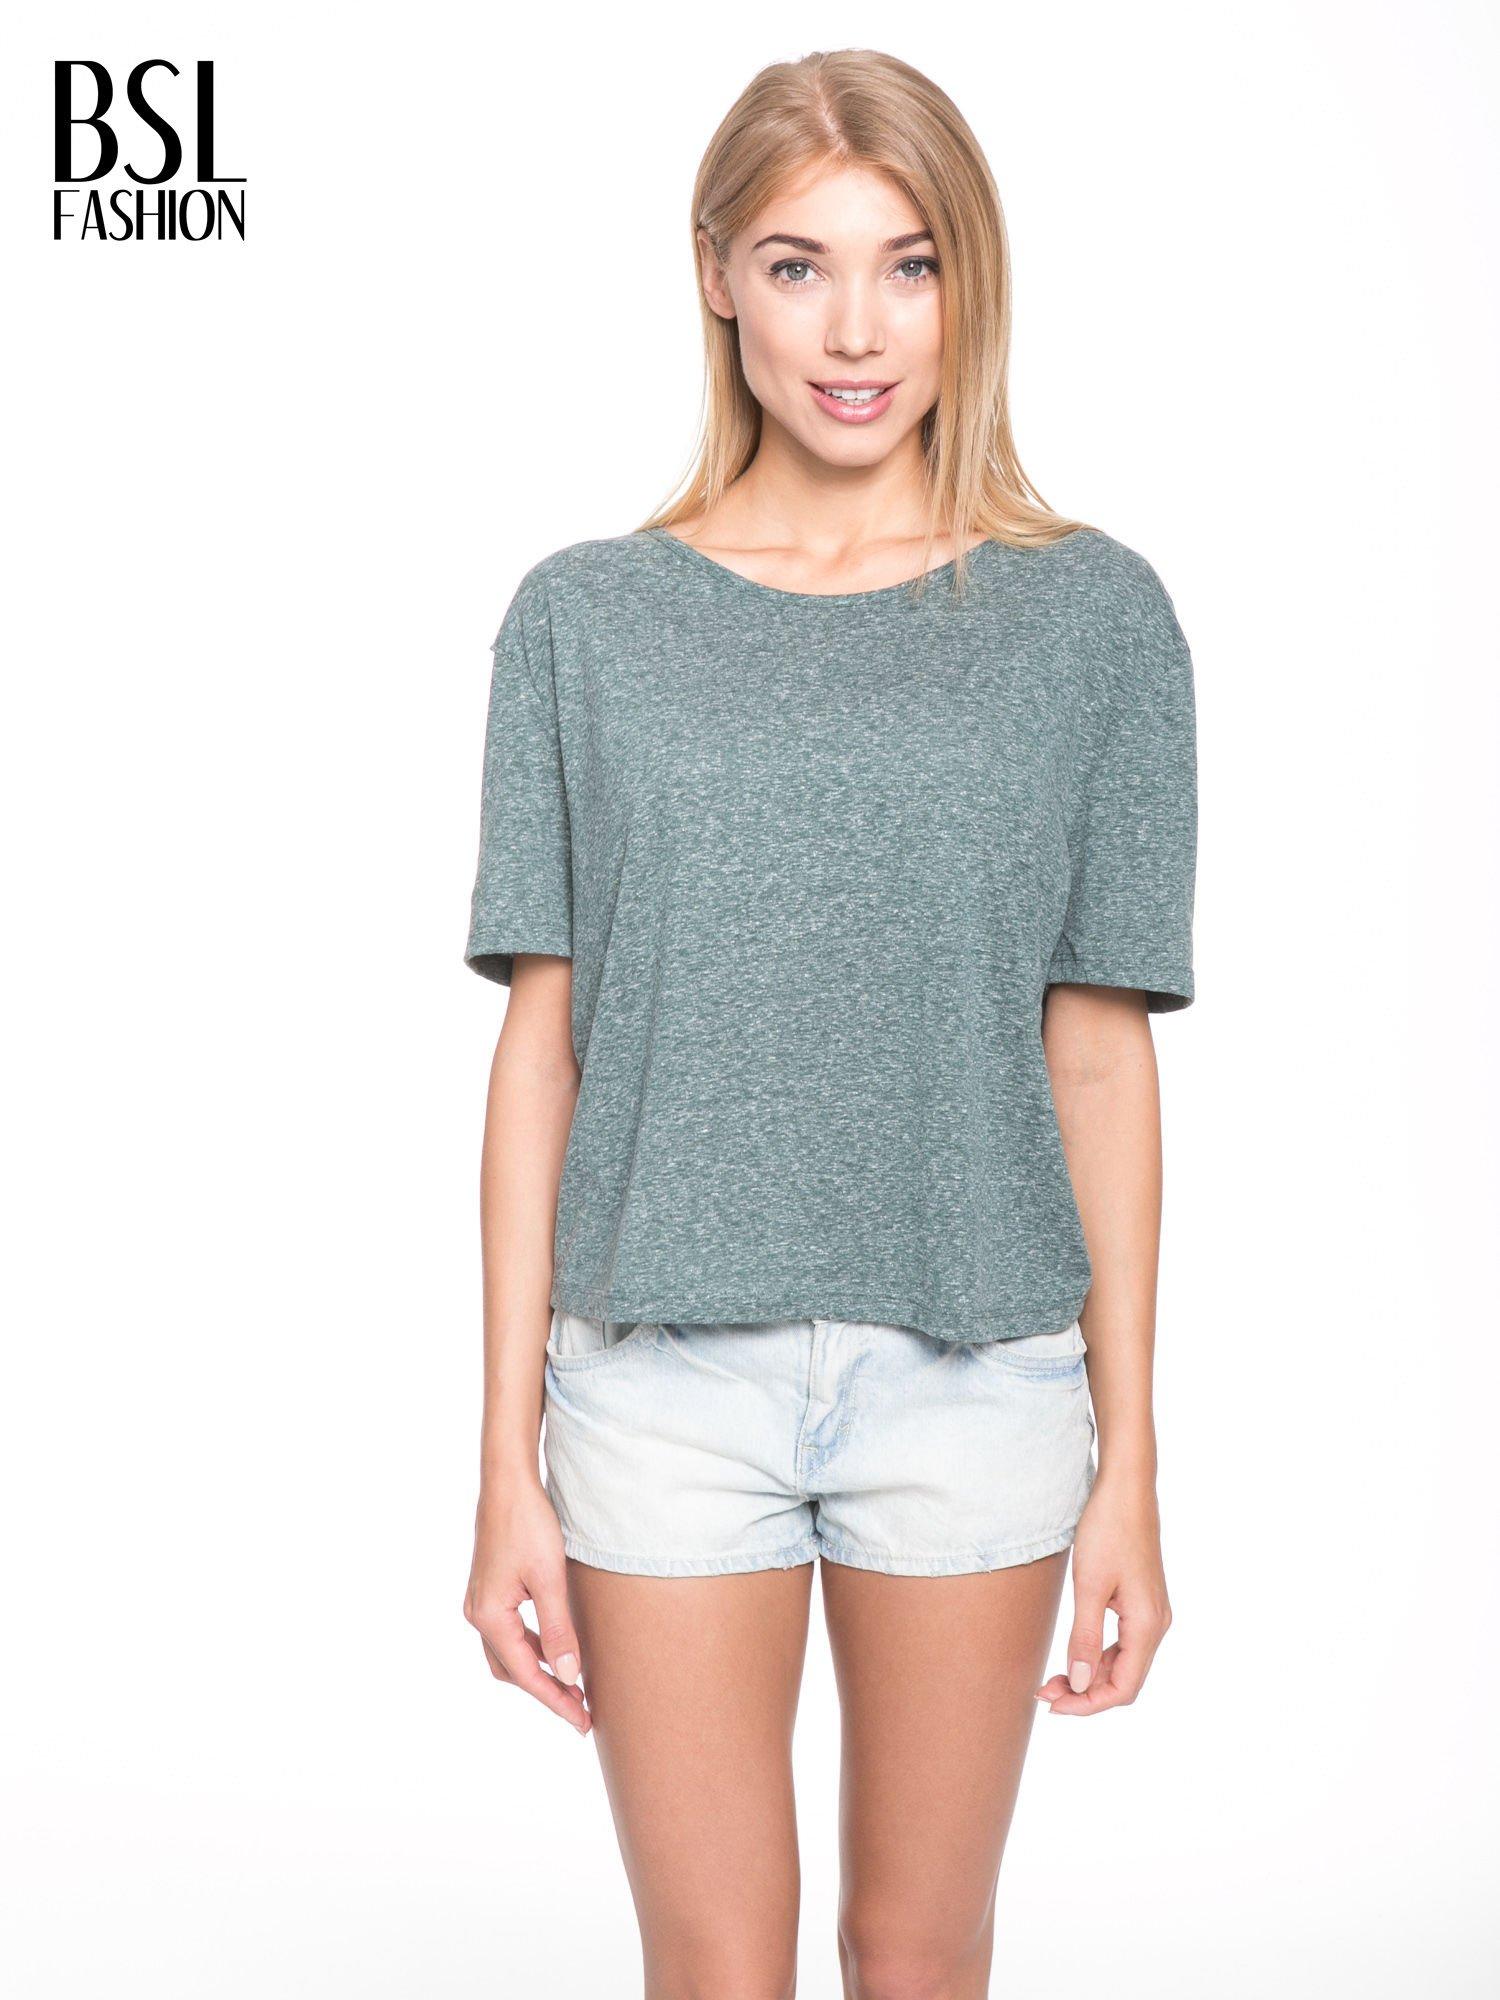 Zielony melanżowy t-shirt o luźnym kroju                                  zdj.                                  1